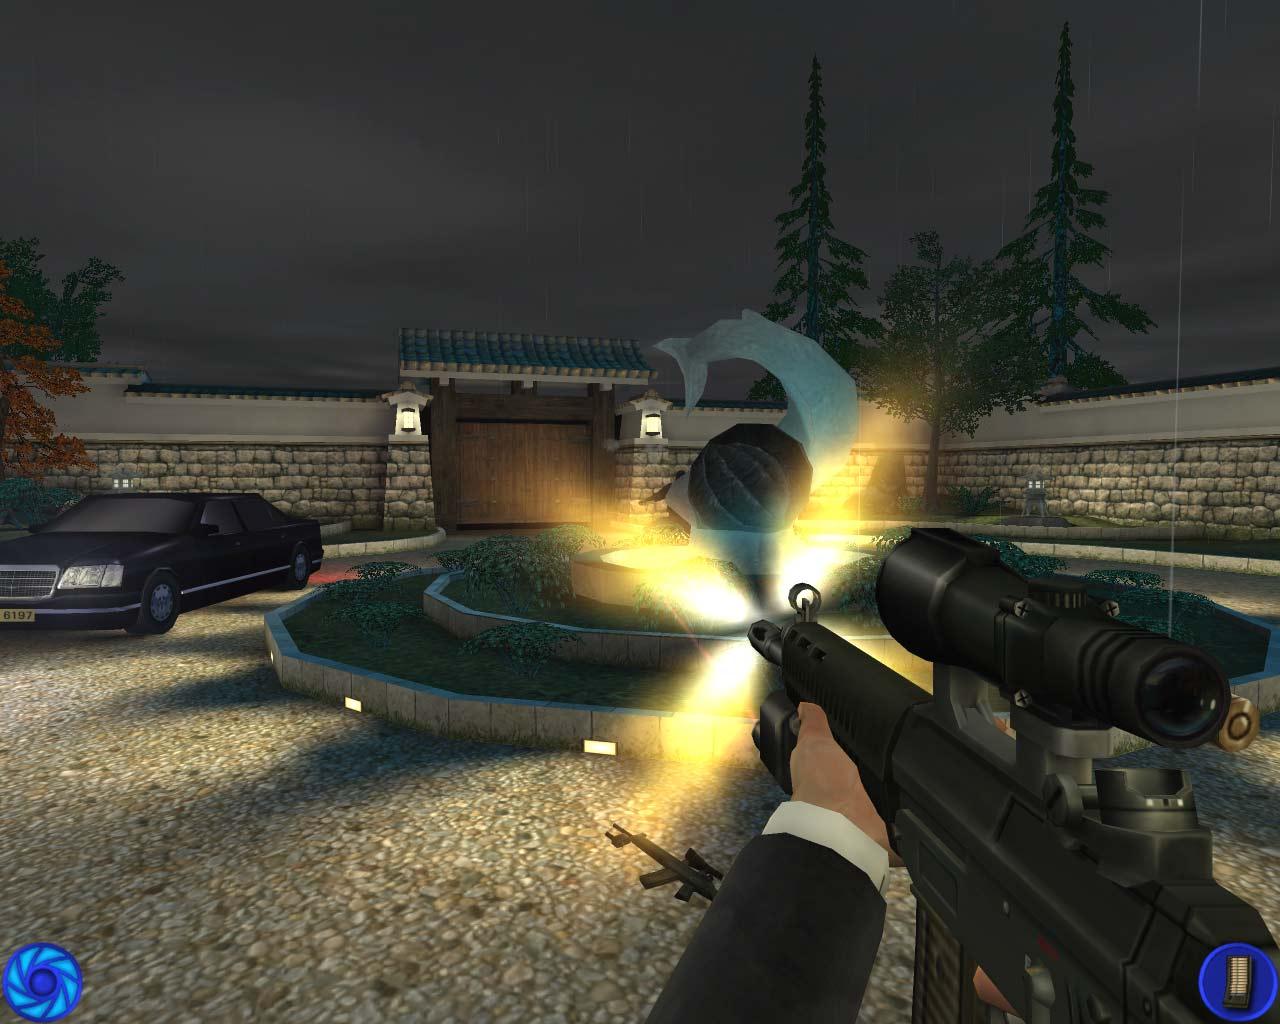 007 james bond games download.